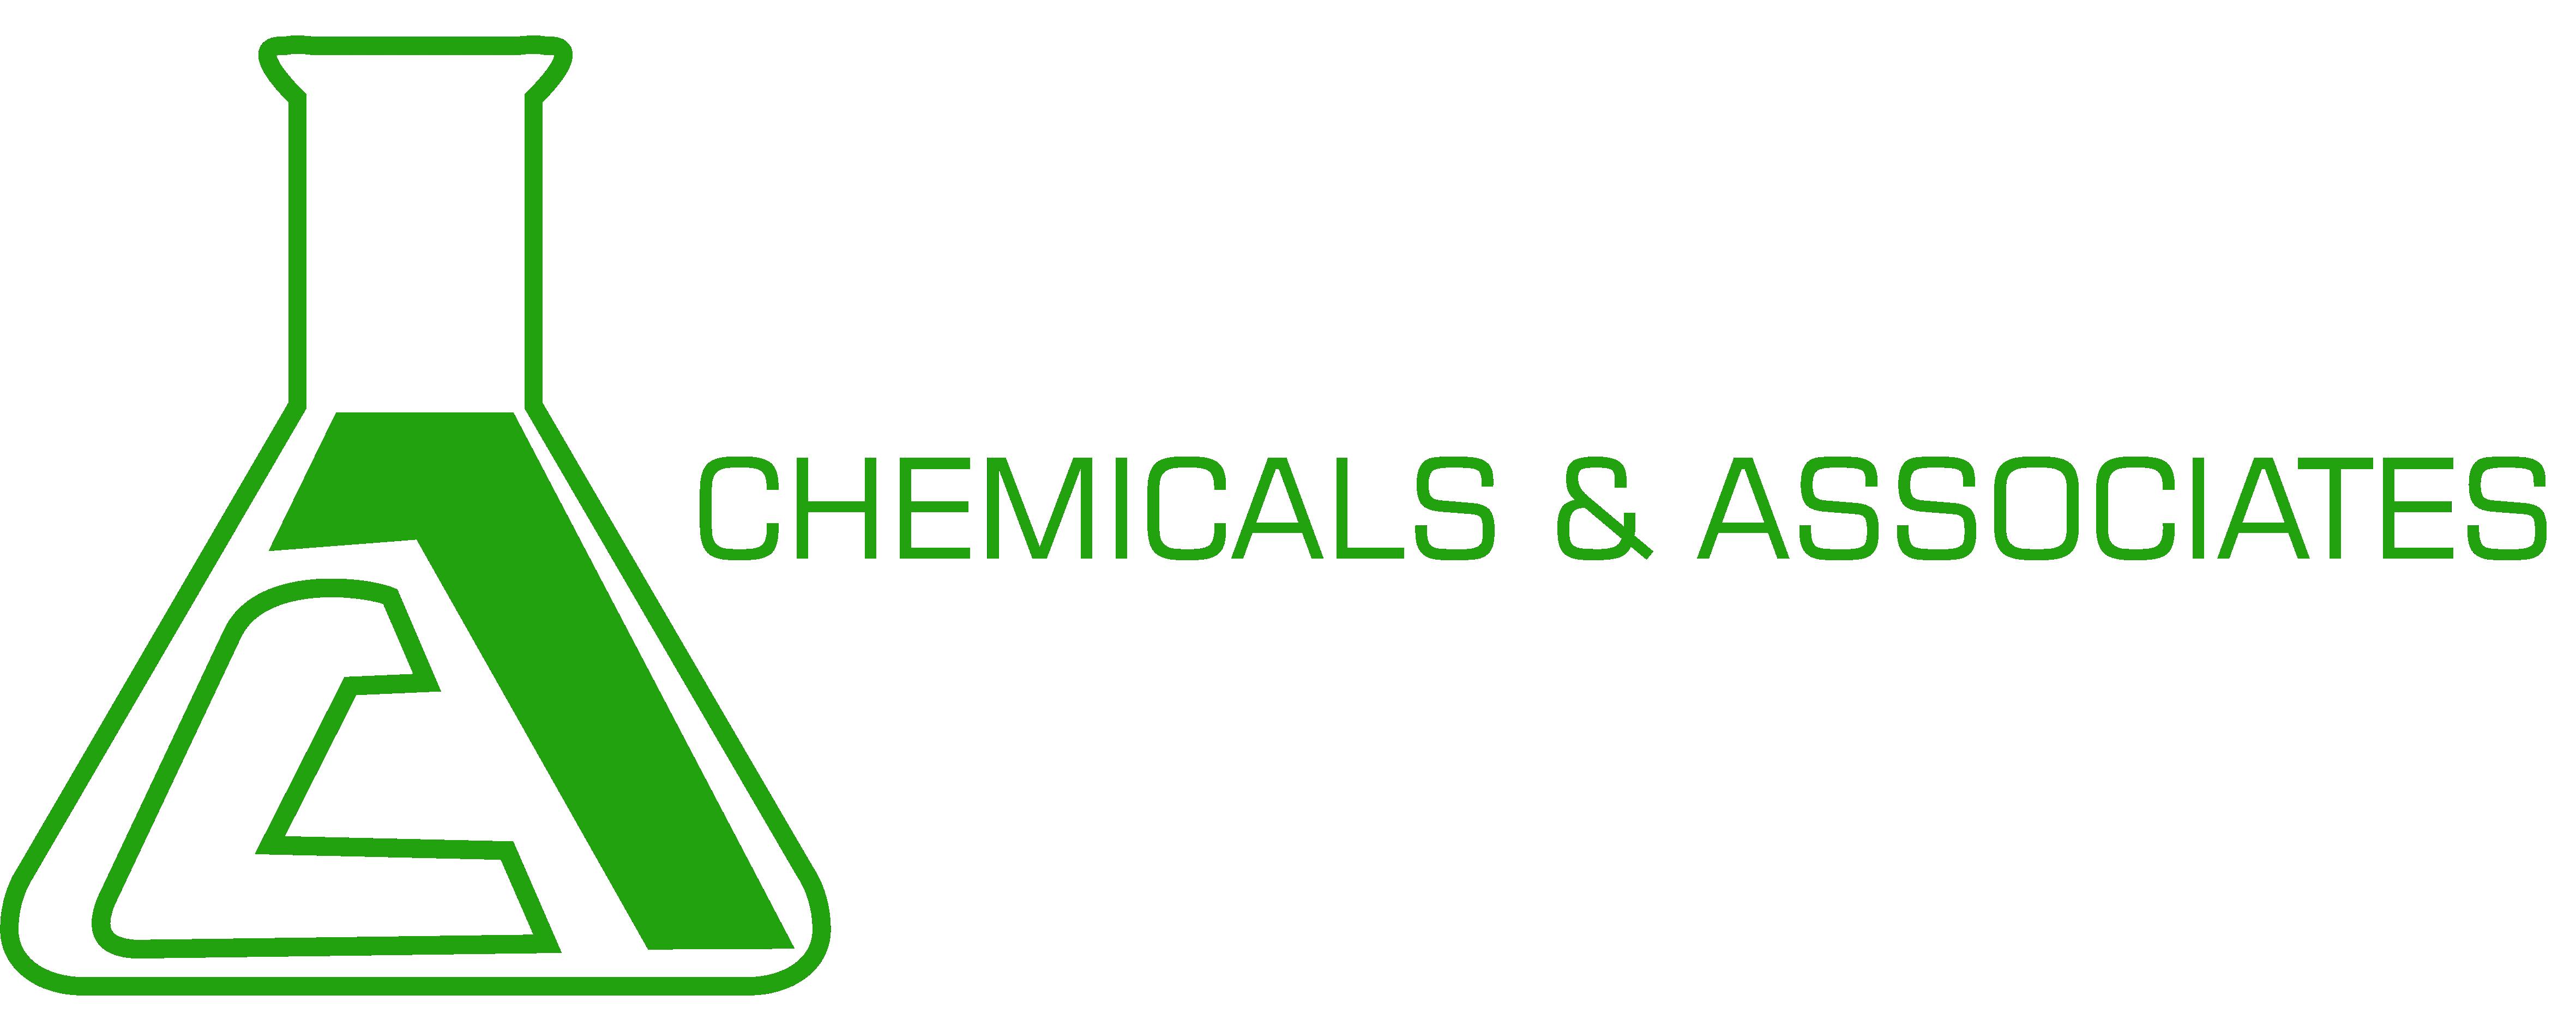 Acuro Organics Limited